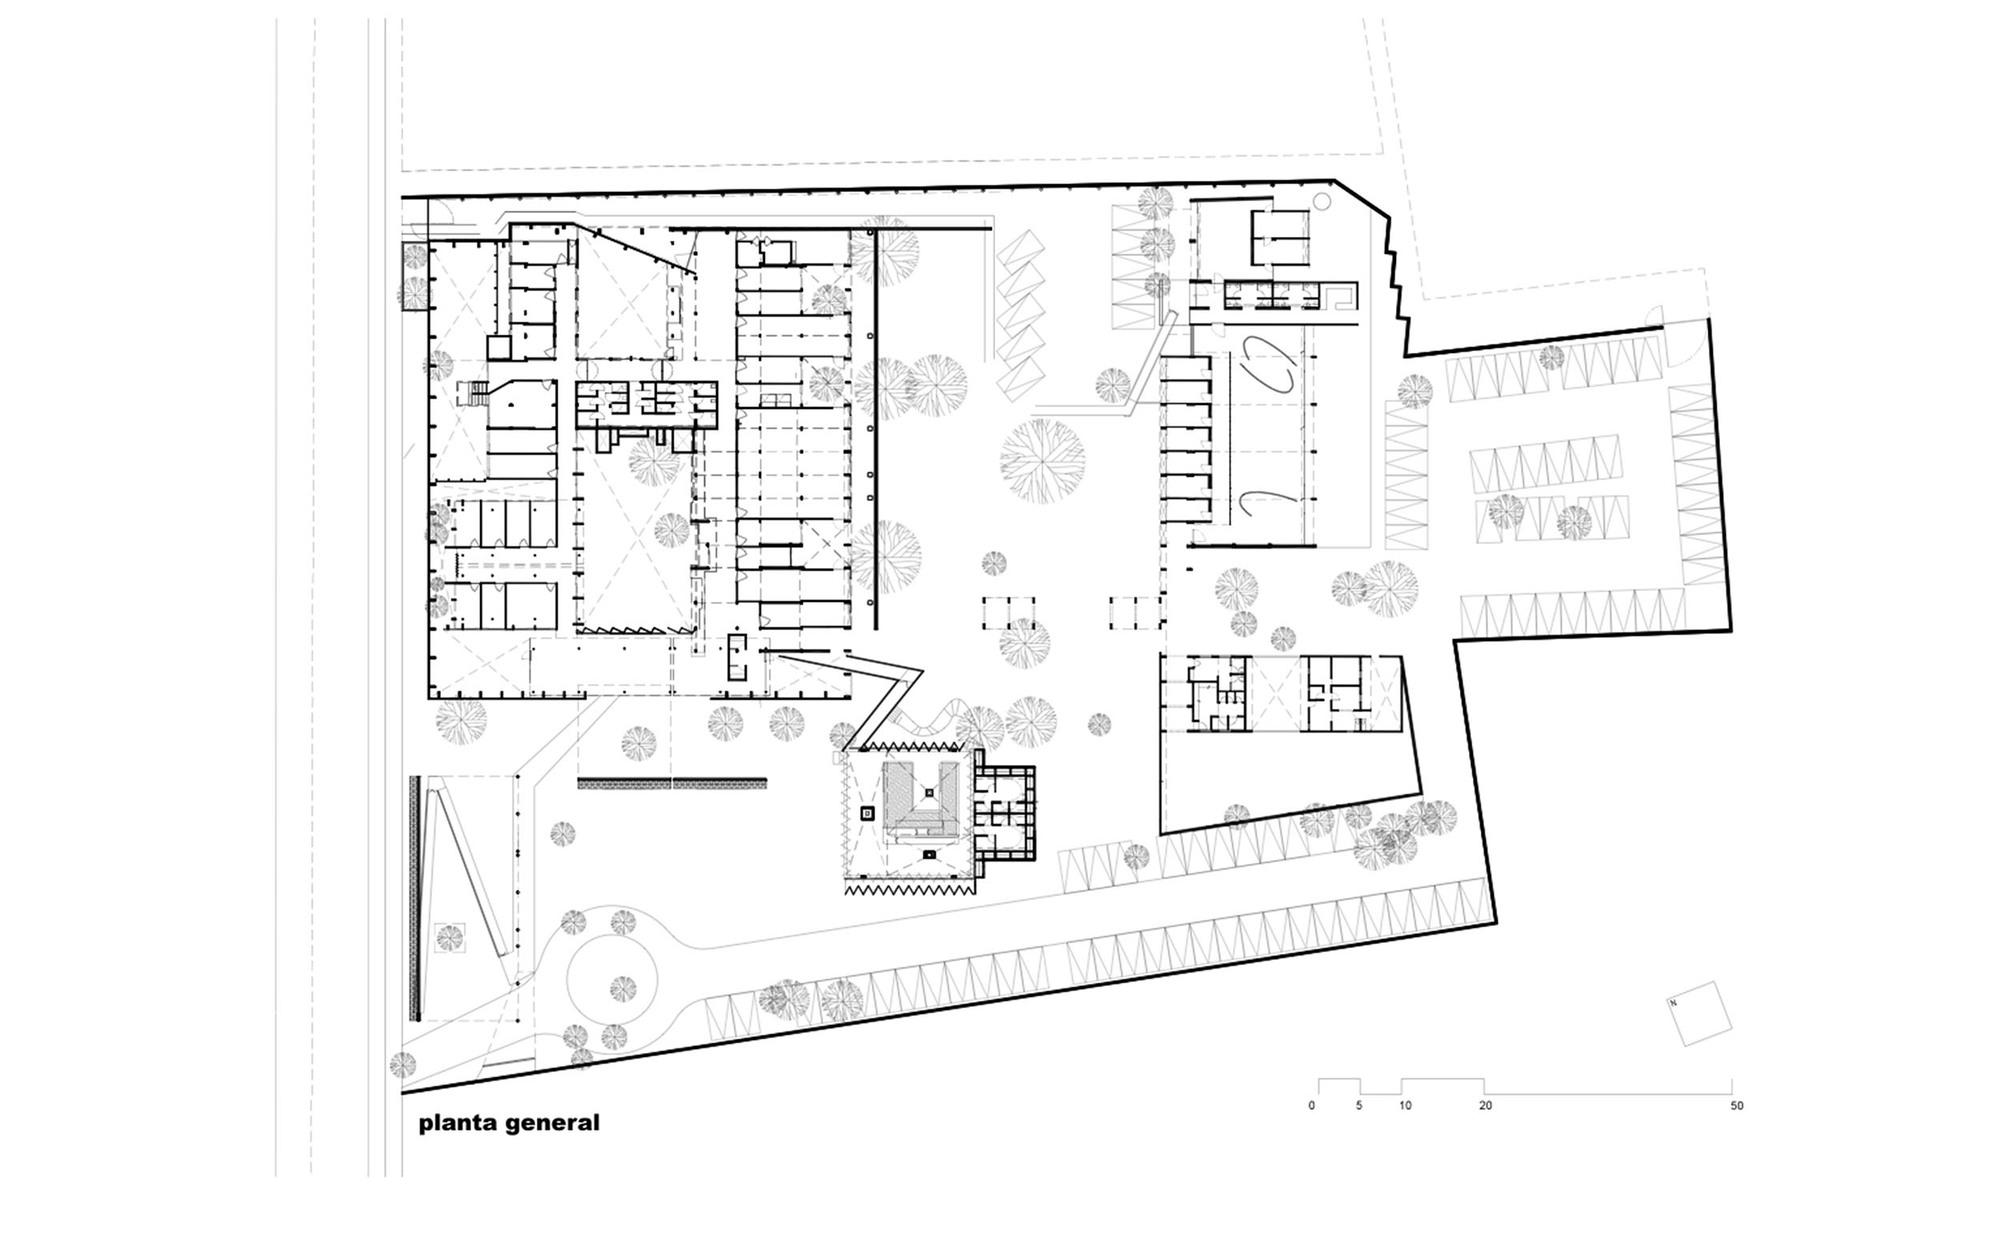 Galer a de centro de rehabilitaci n infantil de la telet n for Plan de arquitectura